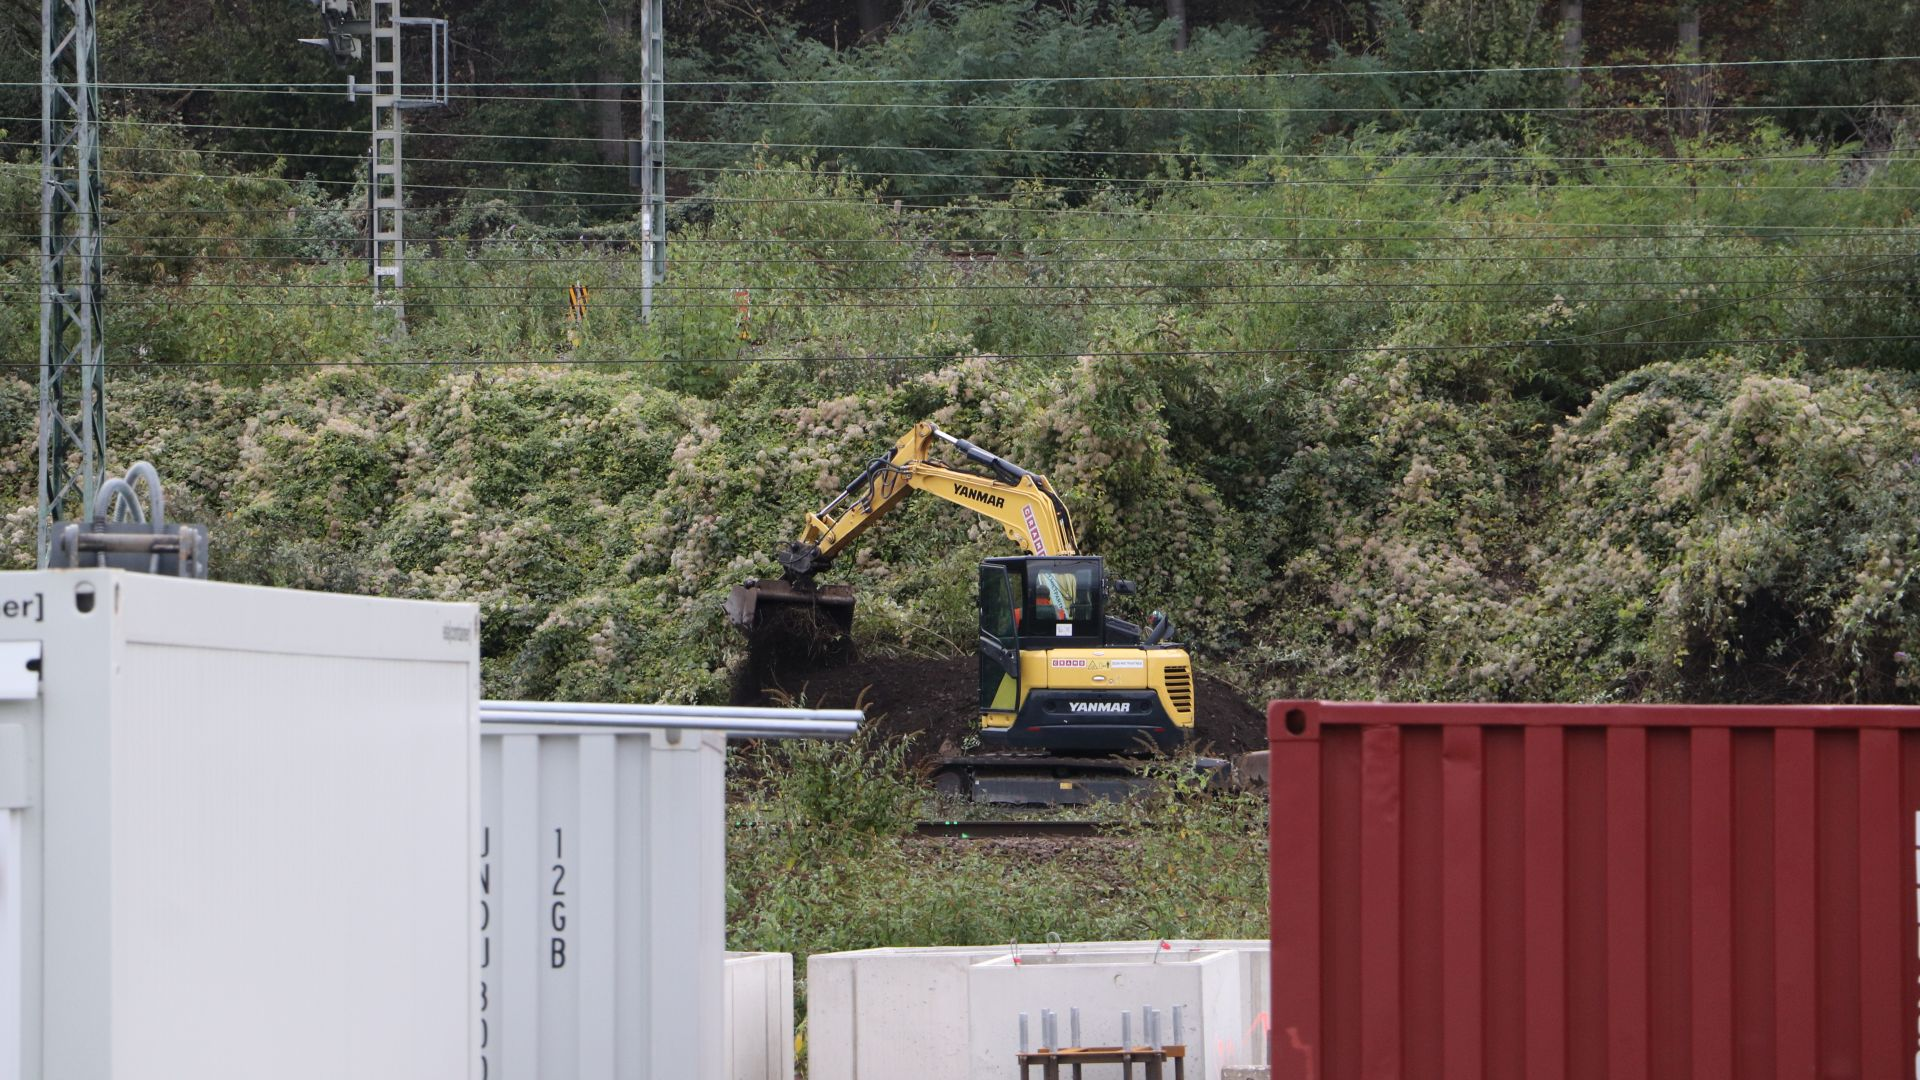 Gelber Bagger vor grünem Gebüsch